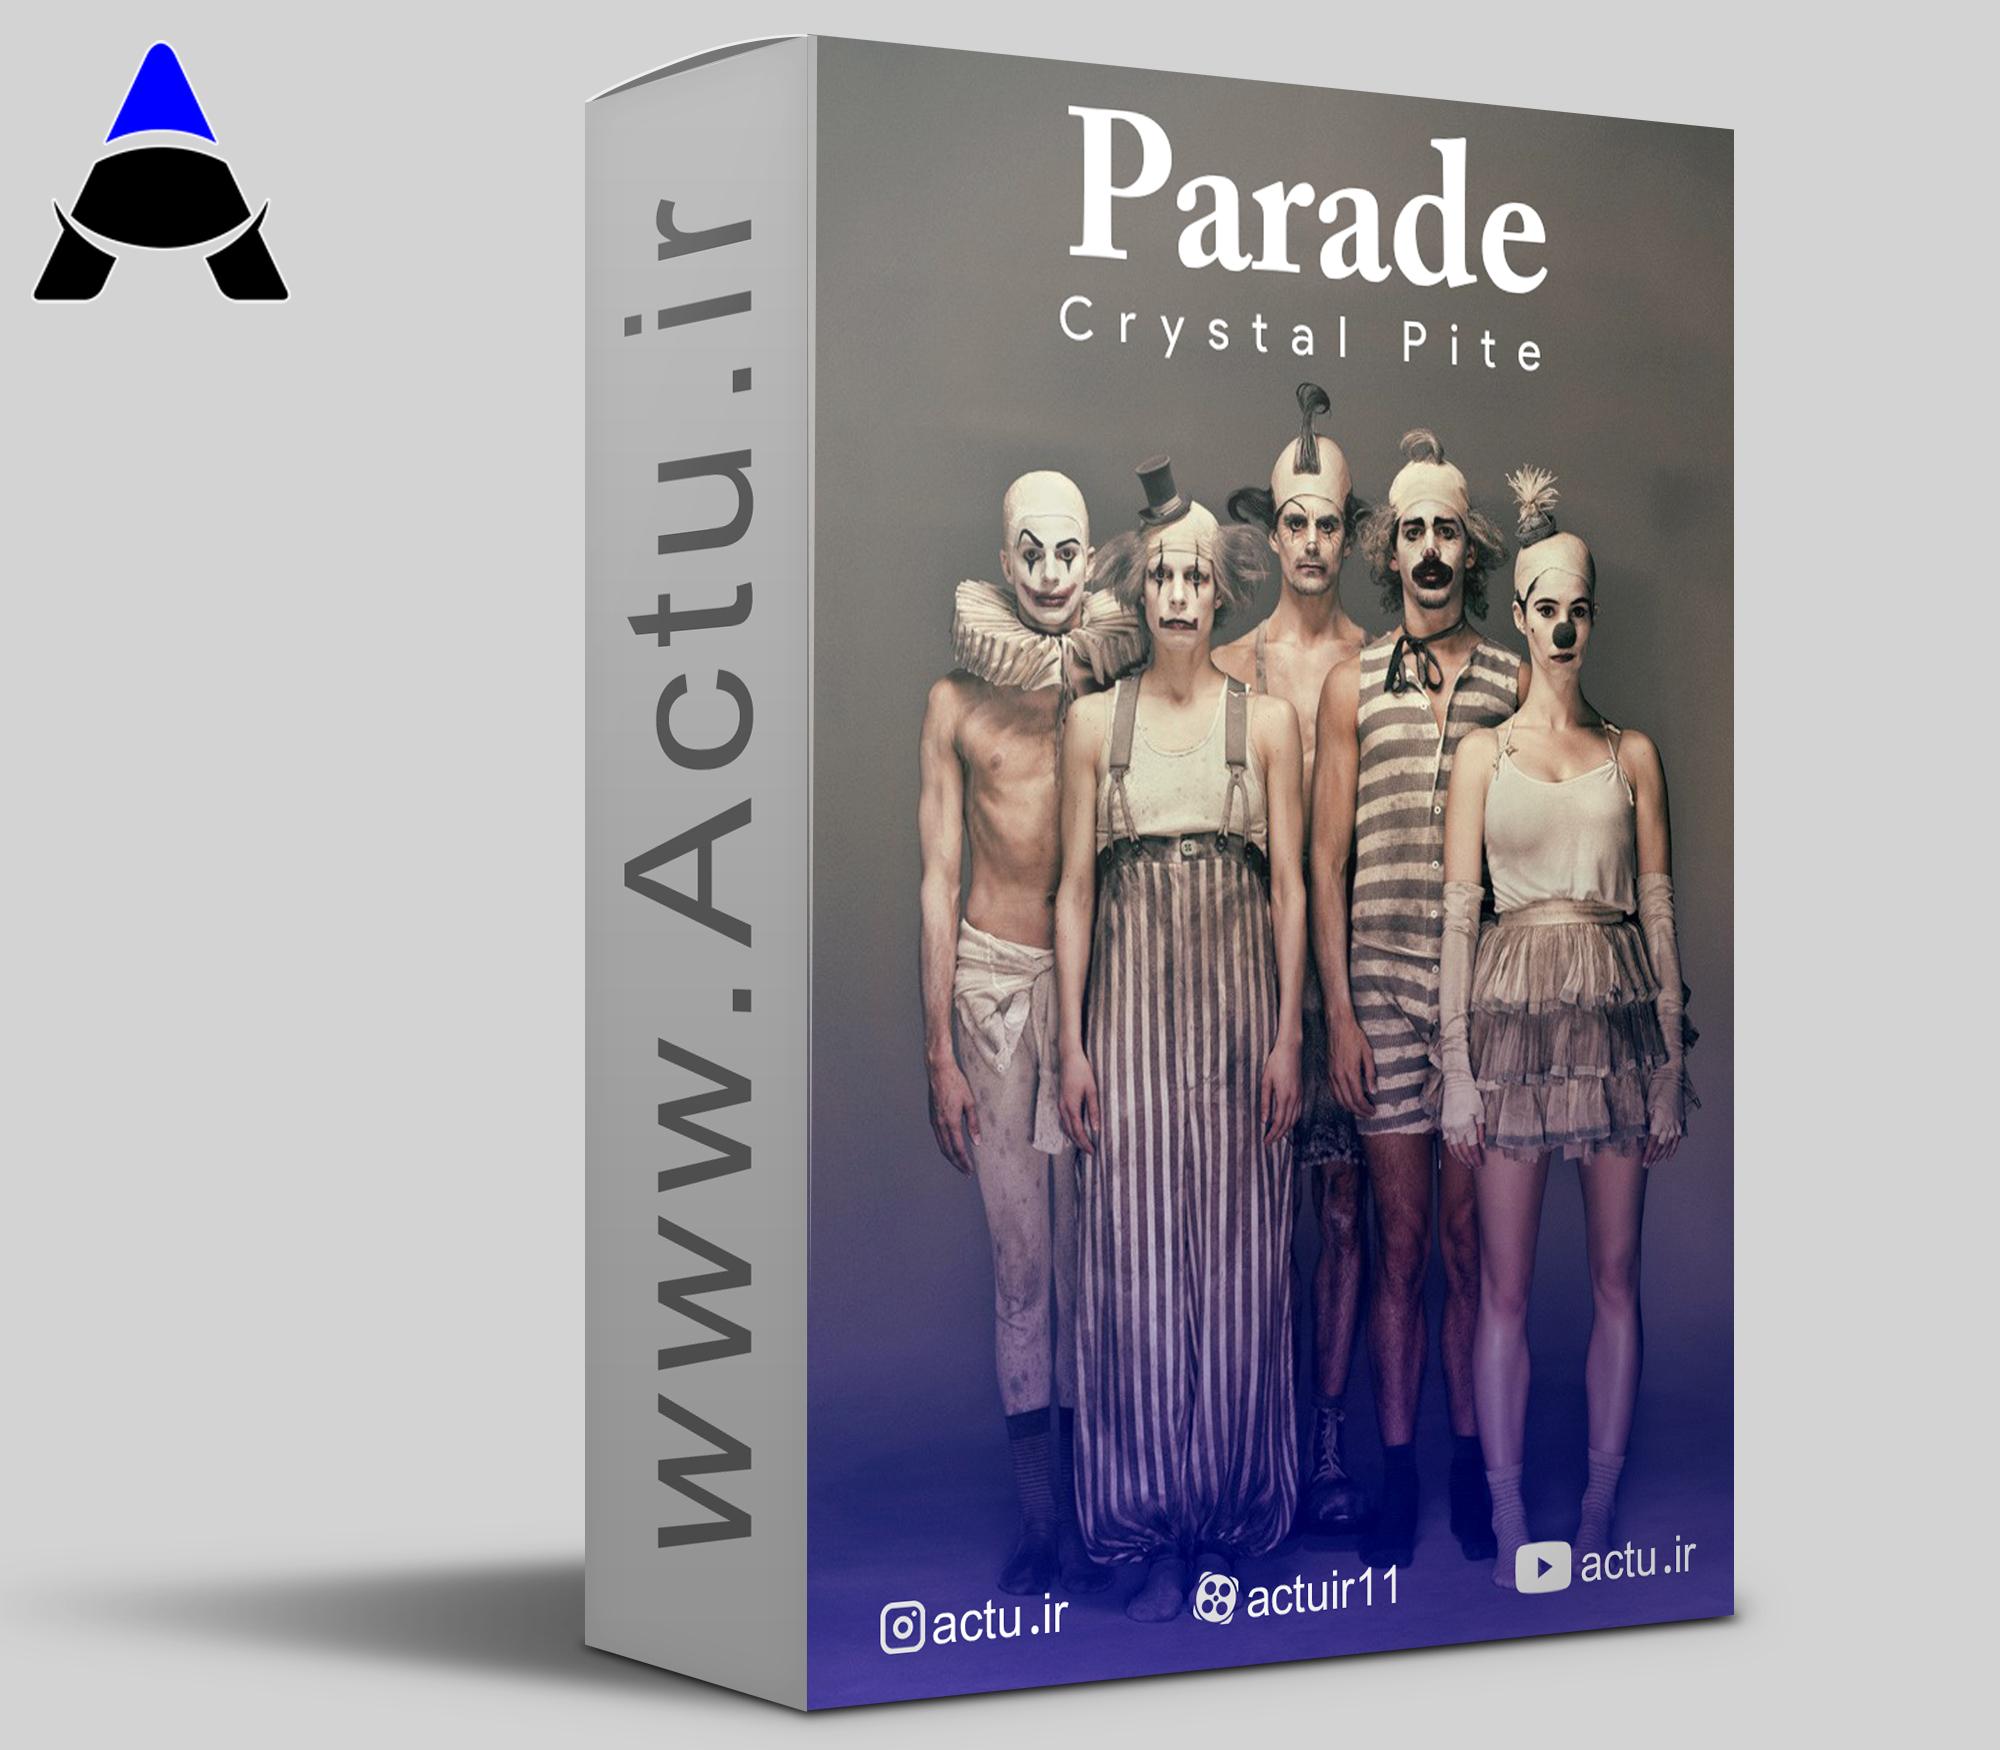 رژه ( کریستال پایت )   ( Parade ( Crystal Pite   اکتو